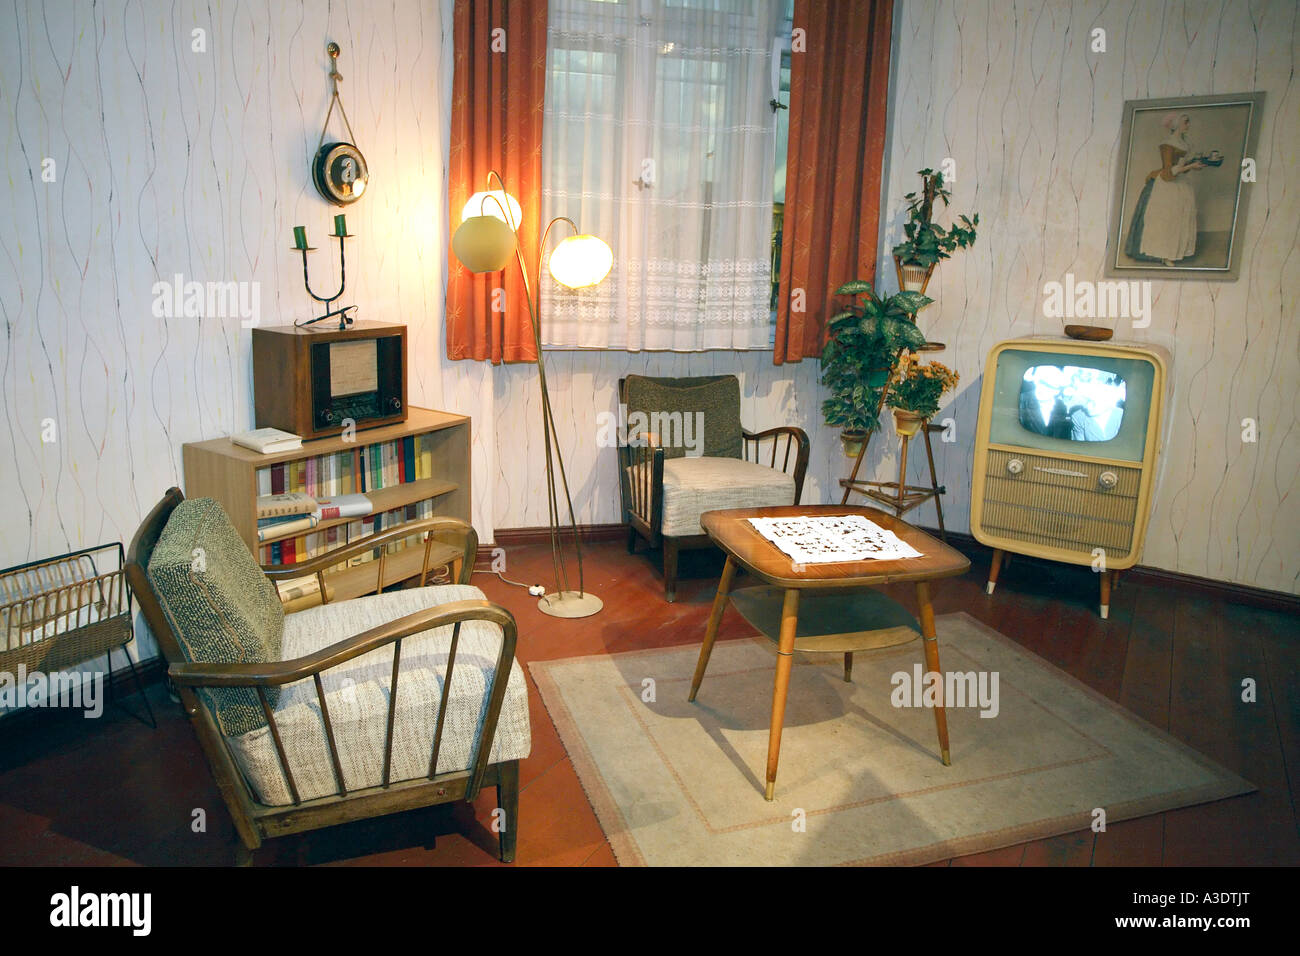 reproduktion eines typisch ost deutsche wohnzimmer aus den 50er jahren in der ausstellung die. Black Bedroom Furniture Sets. Home Design Ideas